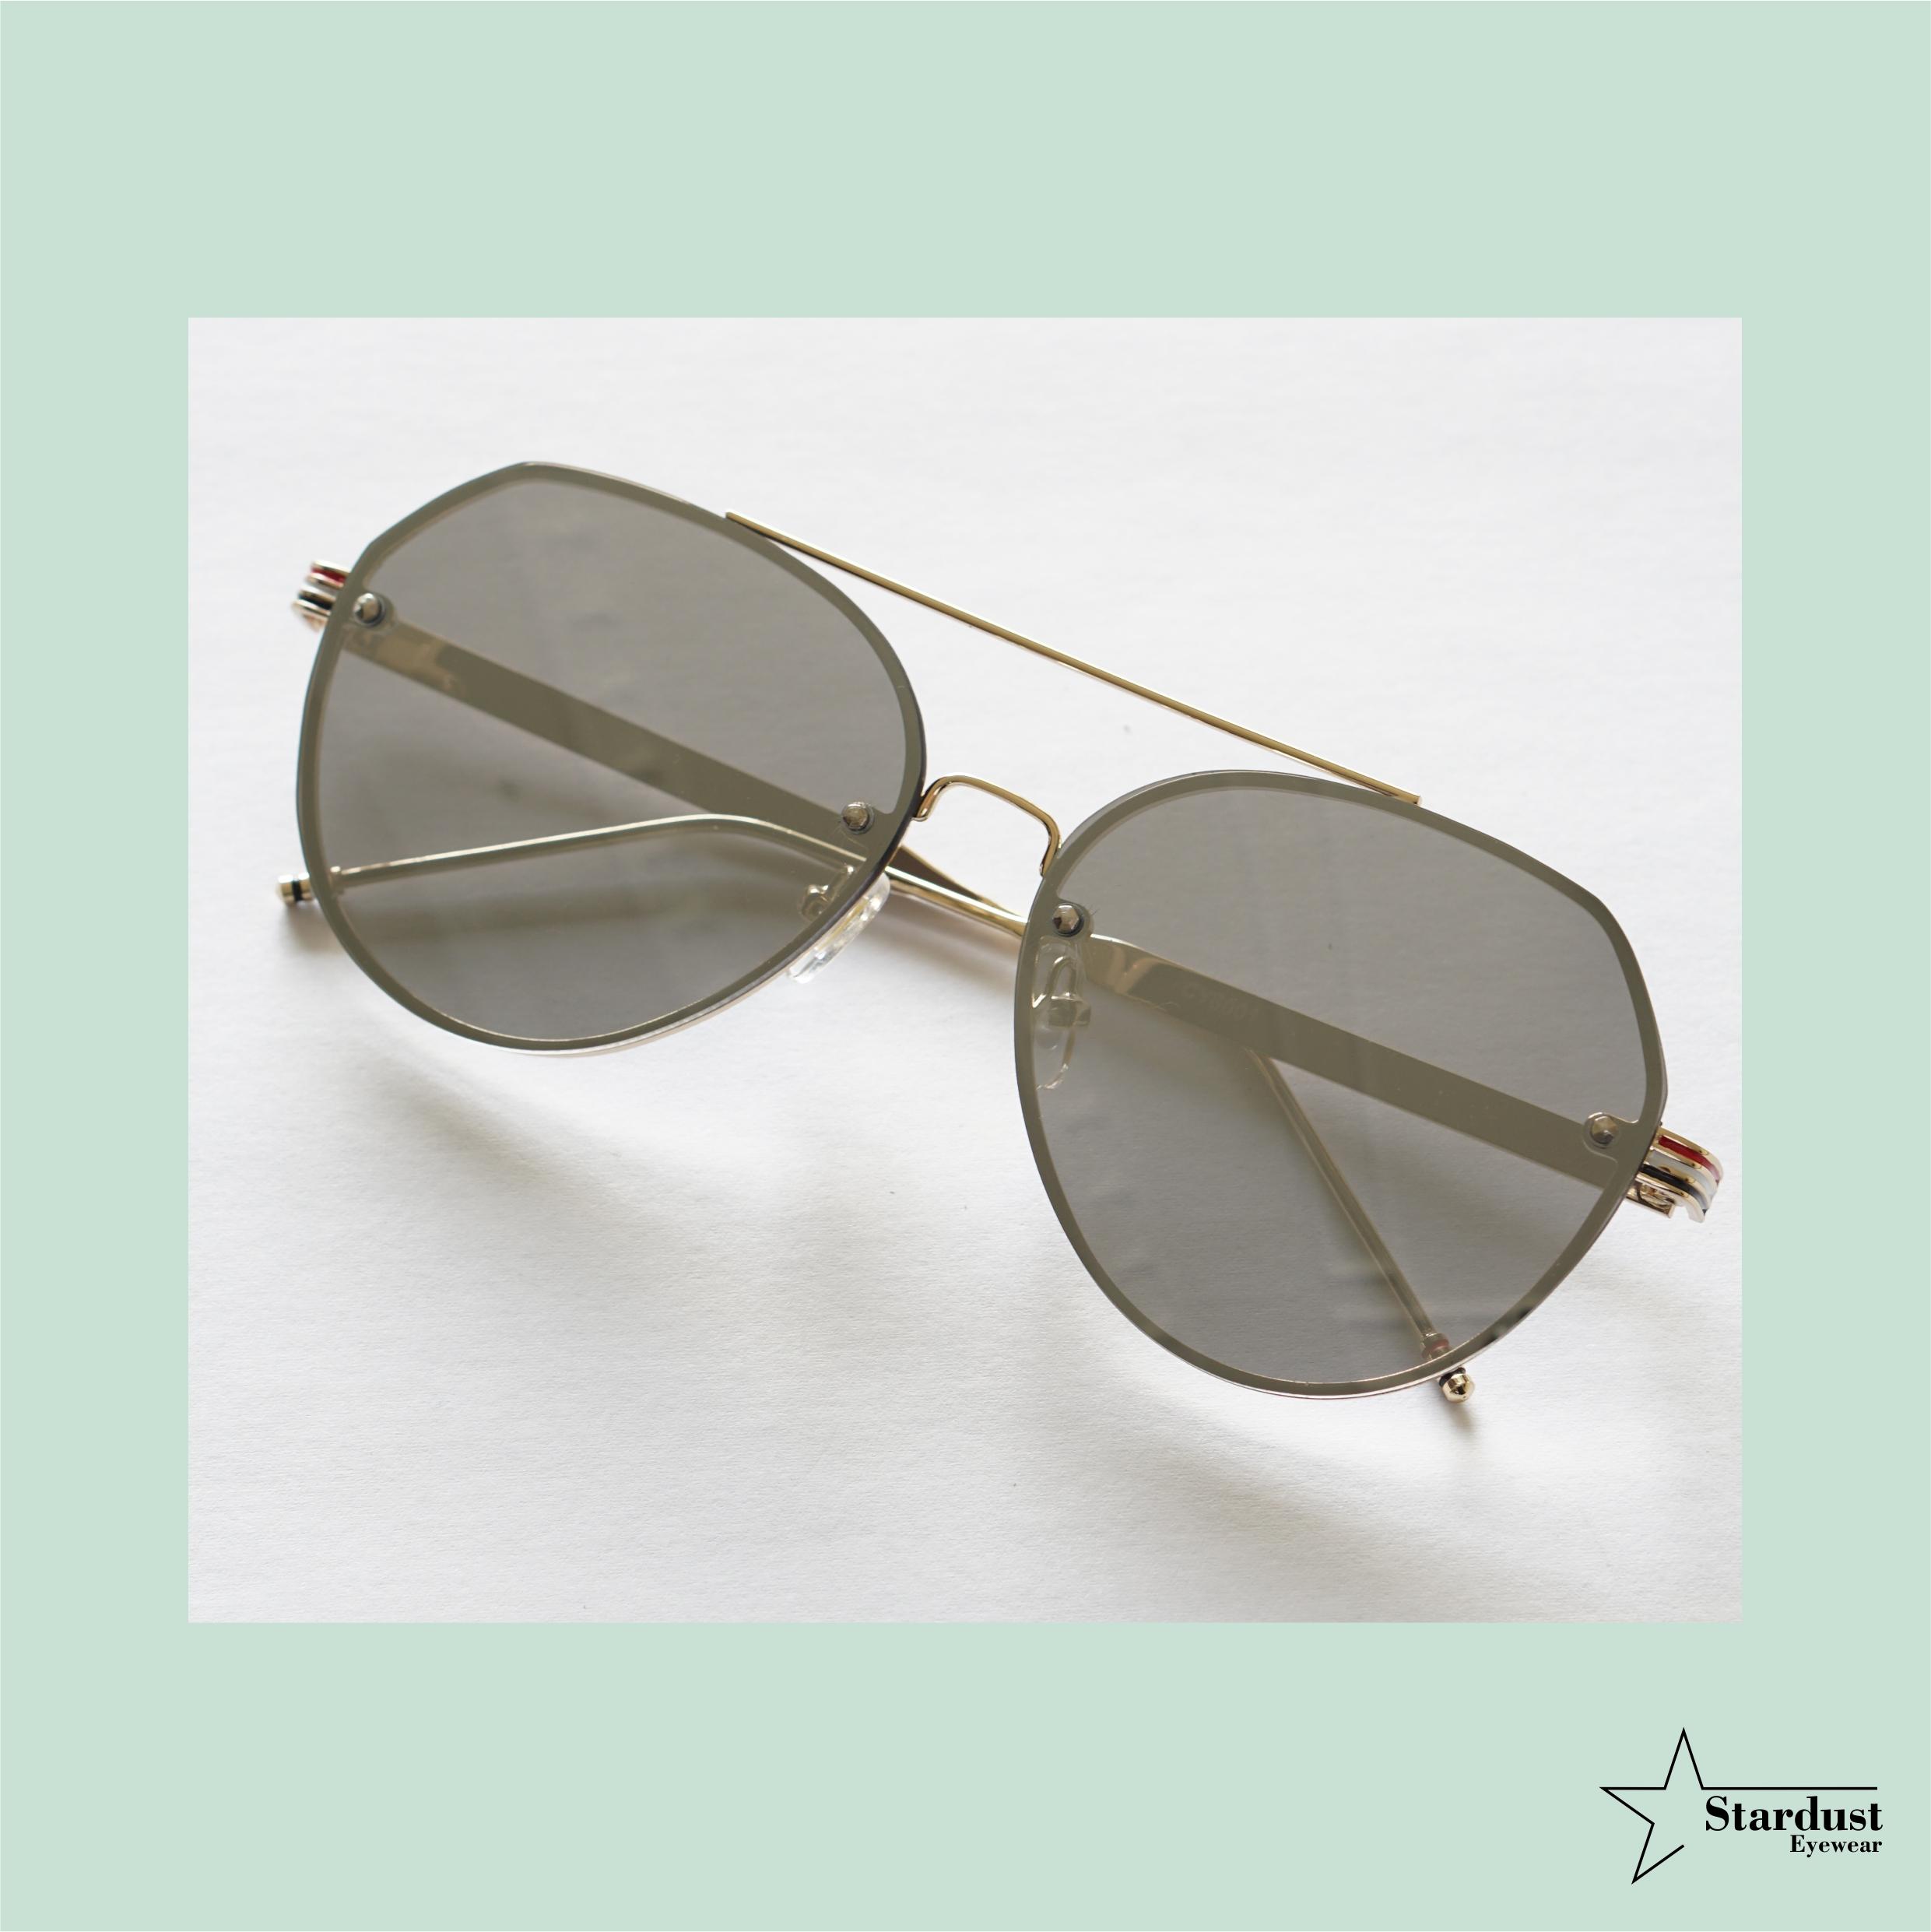 Clarky Silver Kacamata Fashion ( Sunglasses )